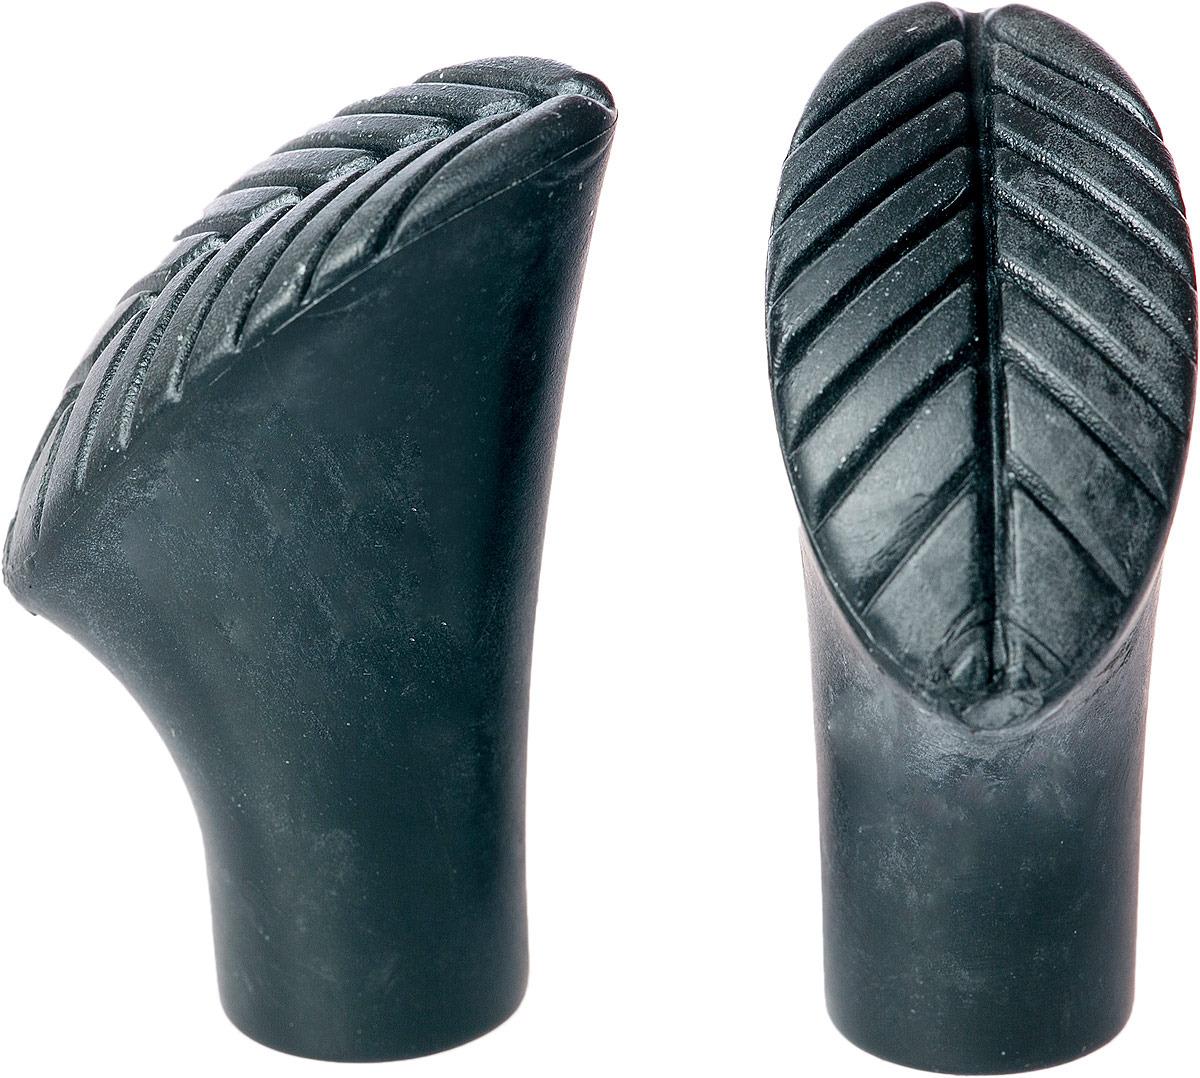 Наконечники для палок Tramp, TRA-064, черный, 2 шт цены онлайн